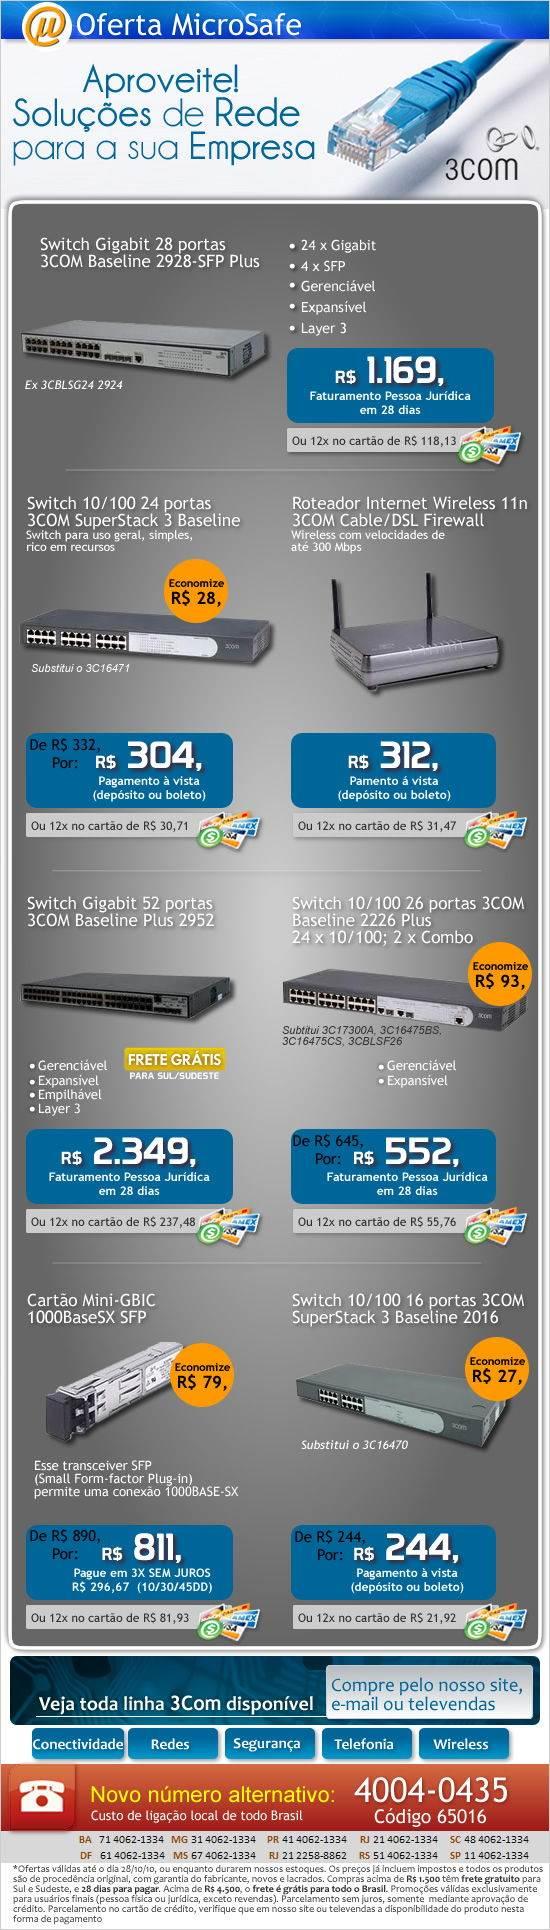 Economize na MicroSafe e monte sua rede com produtos 3Com!